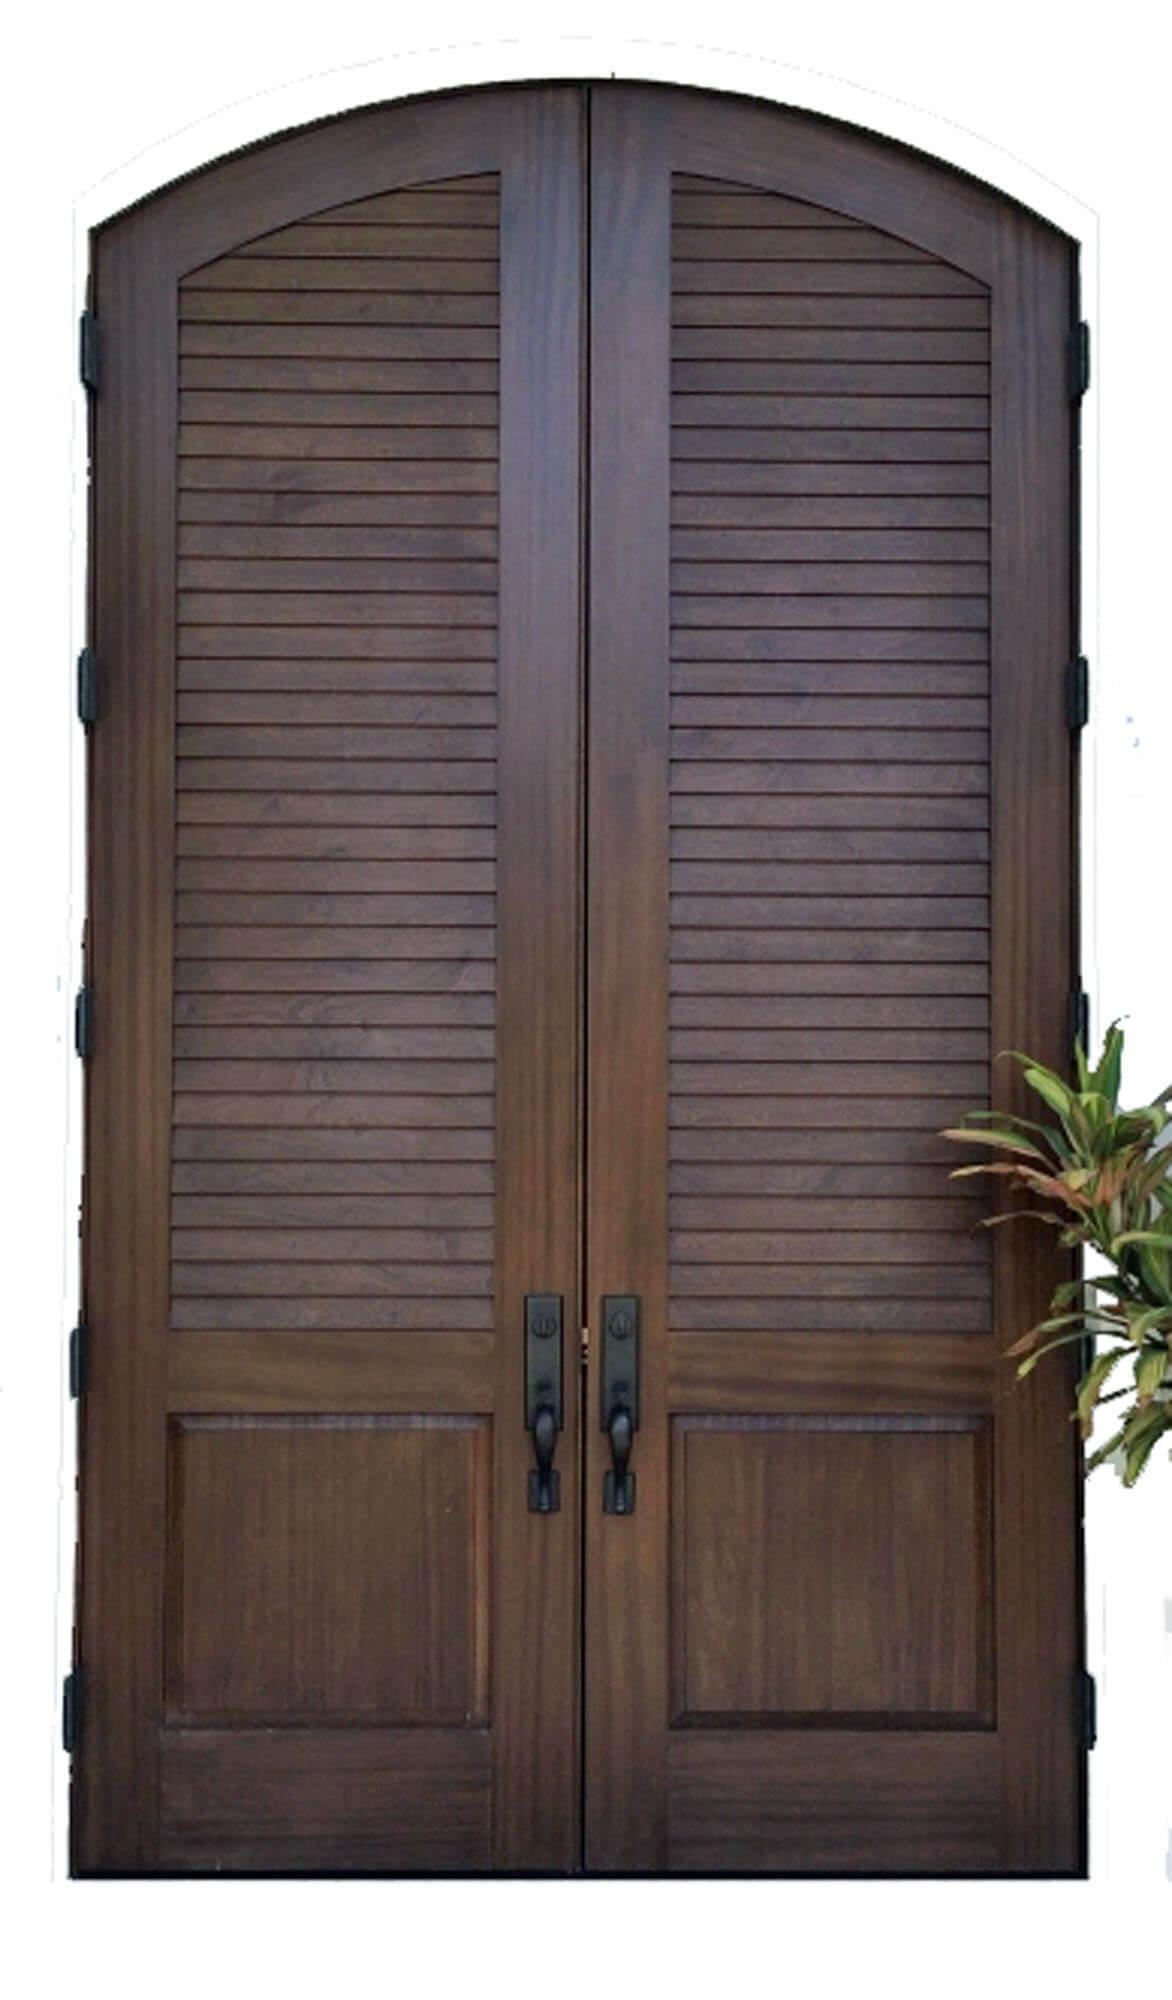 SAN PEDRO LOUVRE FRONT DOOR.